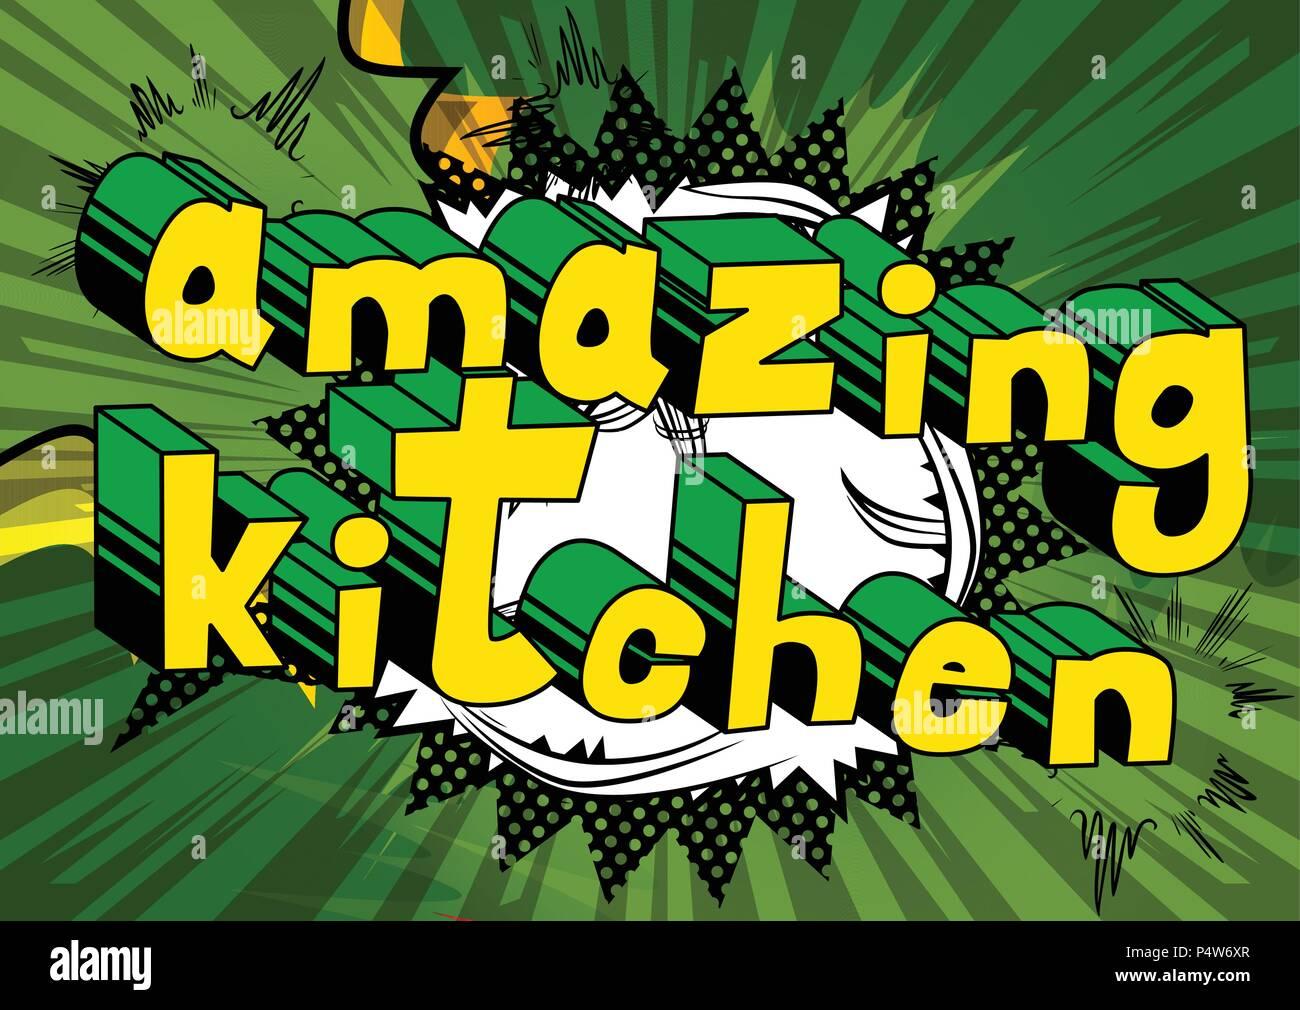 Super Kuche Comic Wort Auf Abstrakten Hintergrund Vektor Abbildung